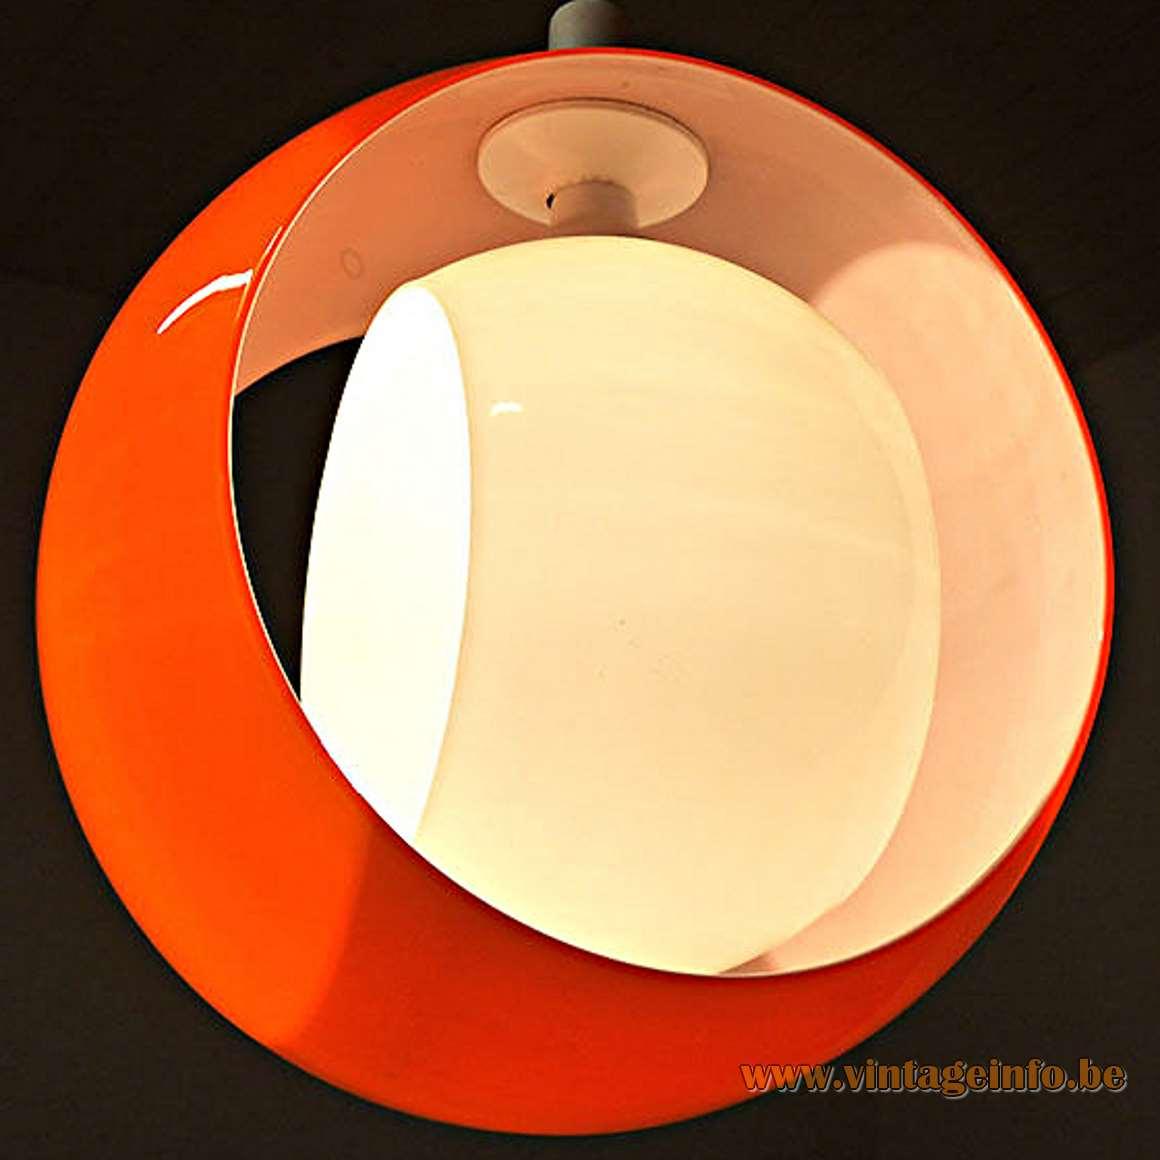 AV Mazzega Eclips Pendant Light - orange and white